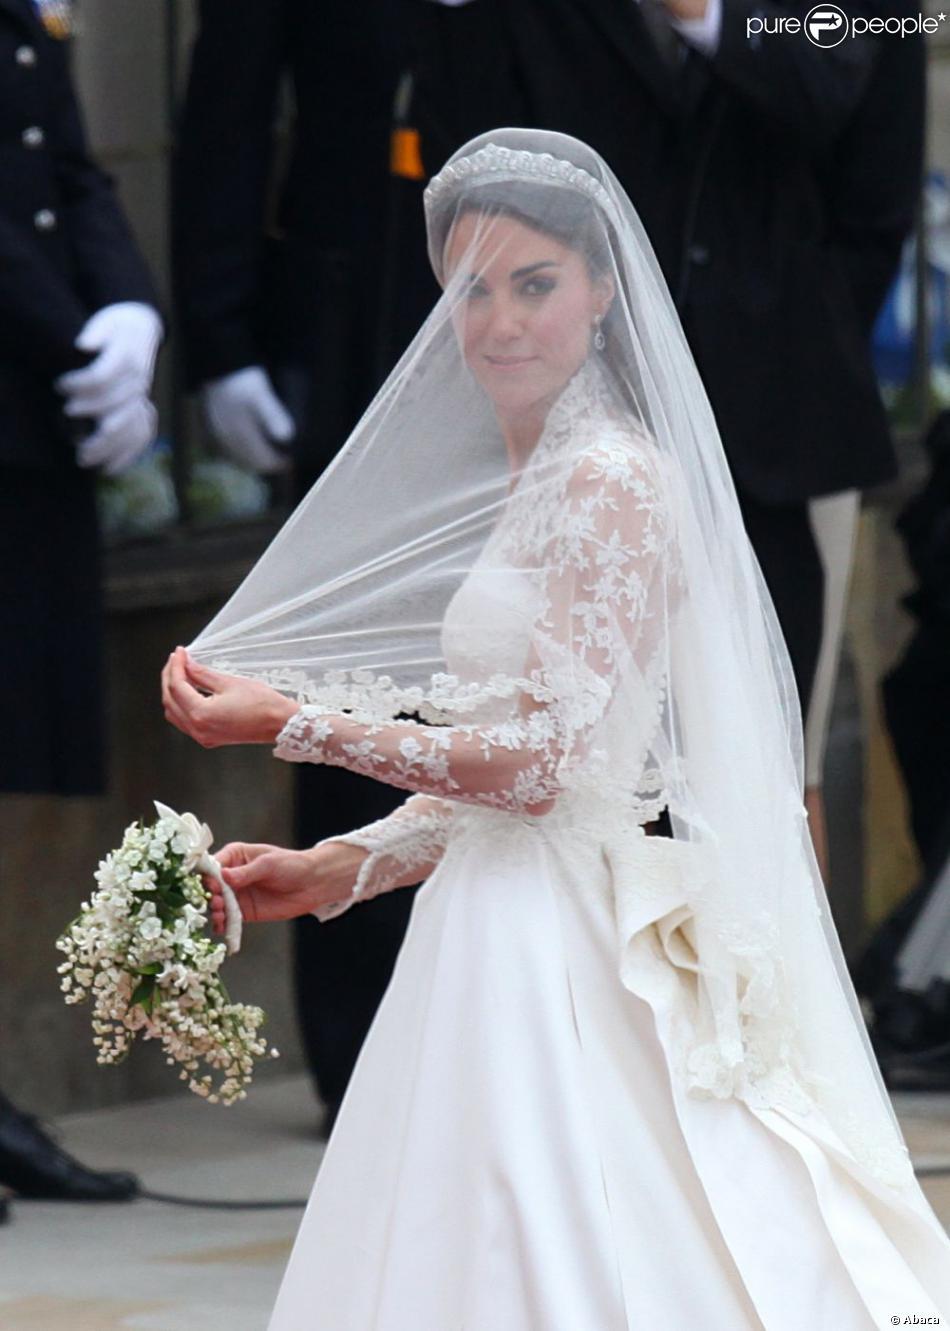 Kate Middleton arrive à l\u0027abbaye de Westminster dans sa sublime robe de  mariée signée Sarah Burton pour Alexander McQueen. A Londres, le 29 Avril  2011.